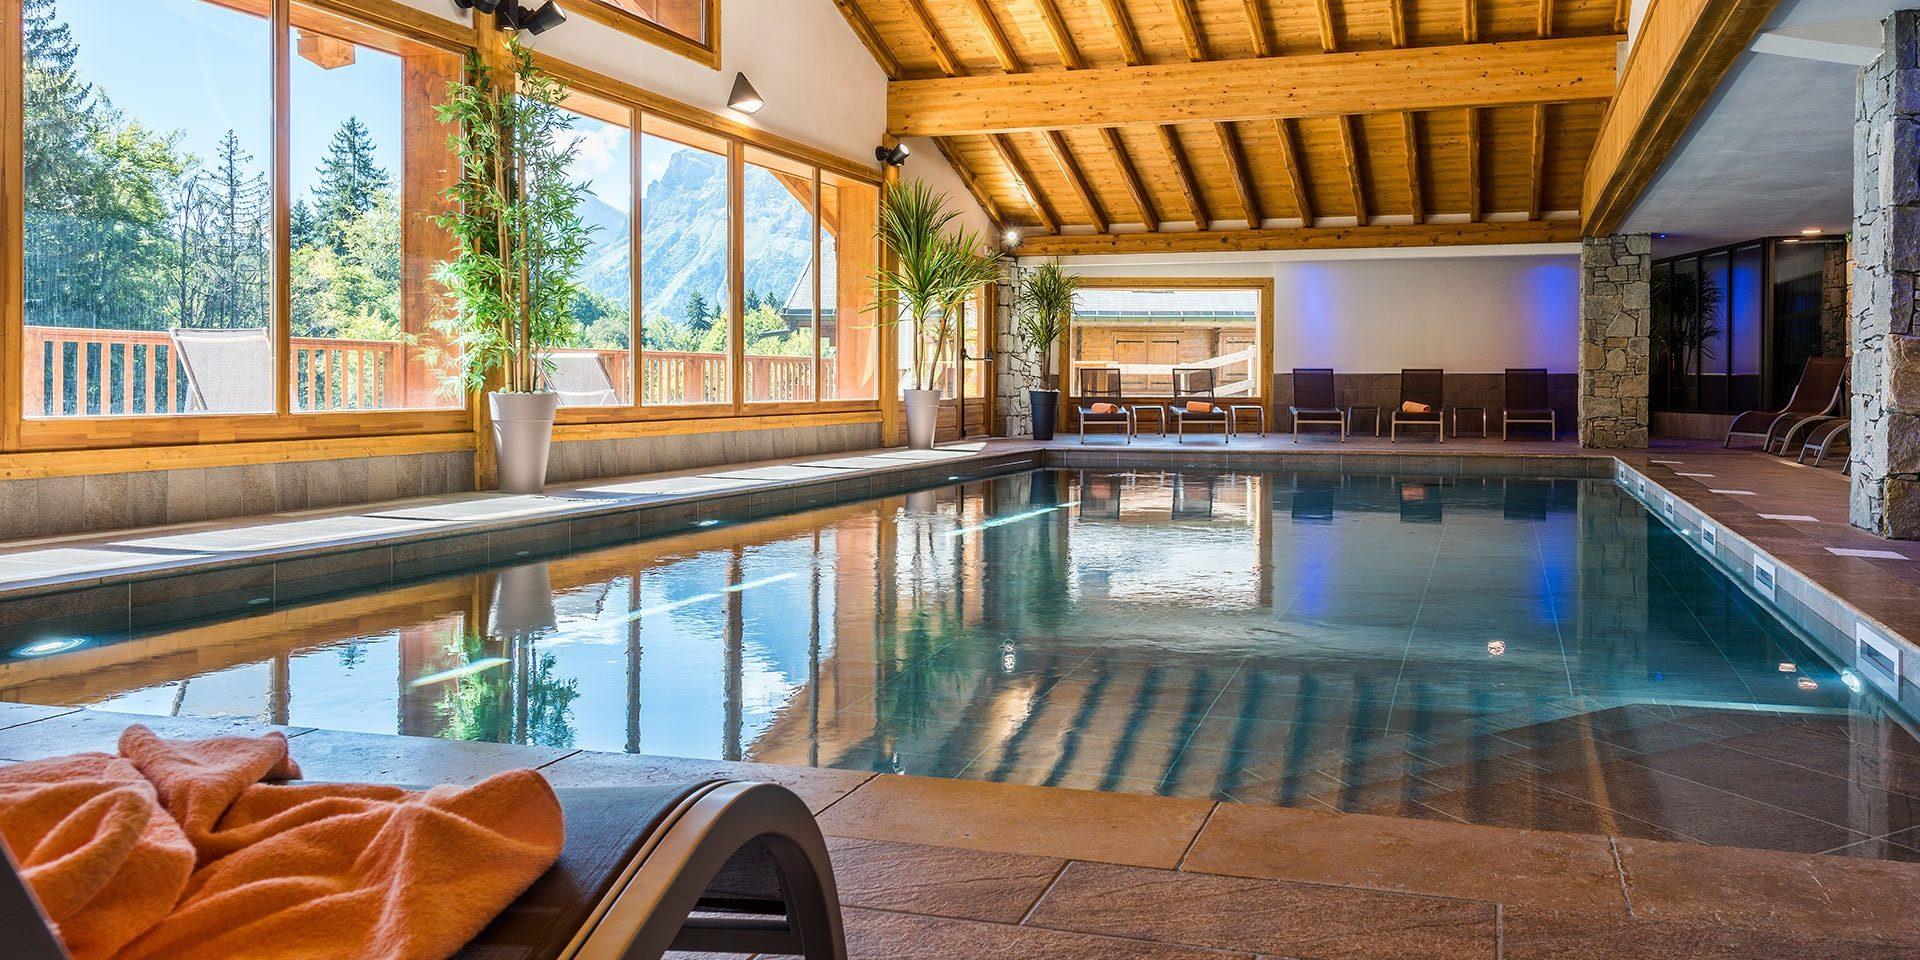 CGH Les Chalets de Leana Les Carroz Le Grand Massif Frankrijk wintersport skivakantie luxe Spa wellness zwembad zwemmen ontspannen relaxen bijkomen